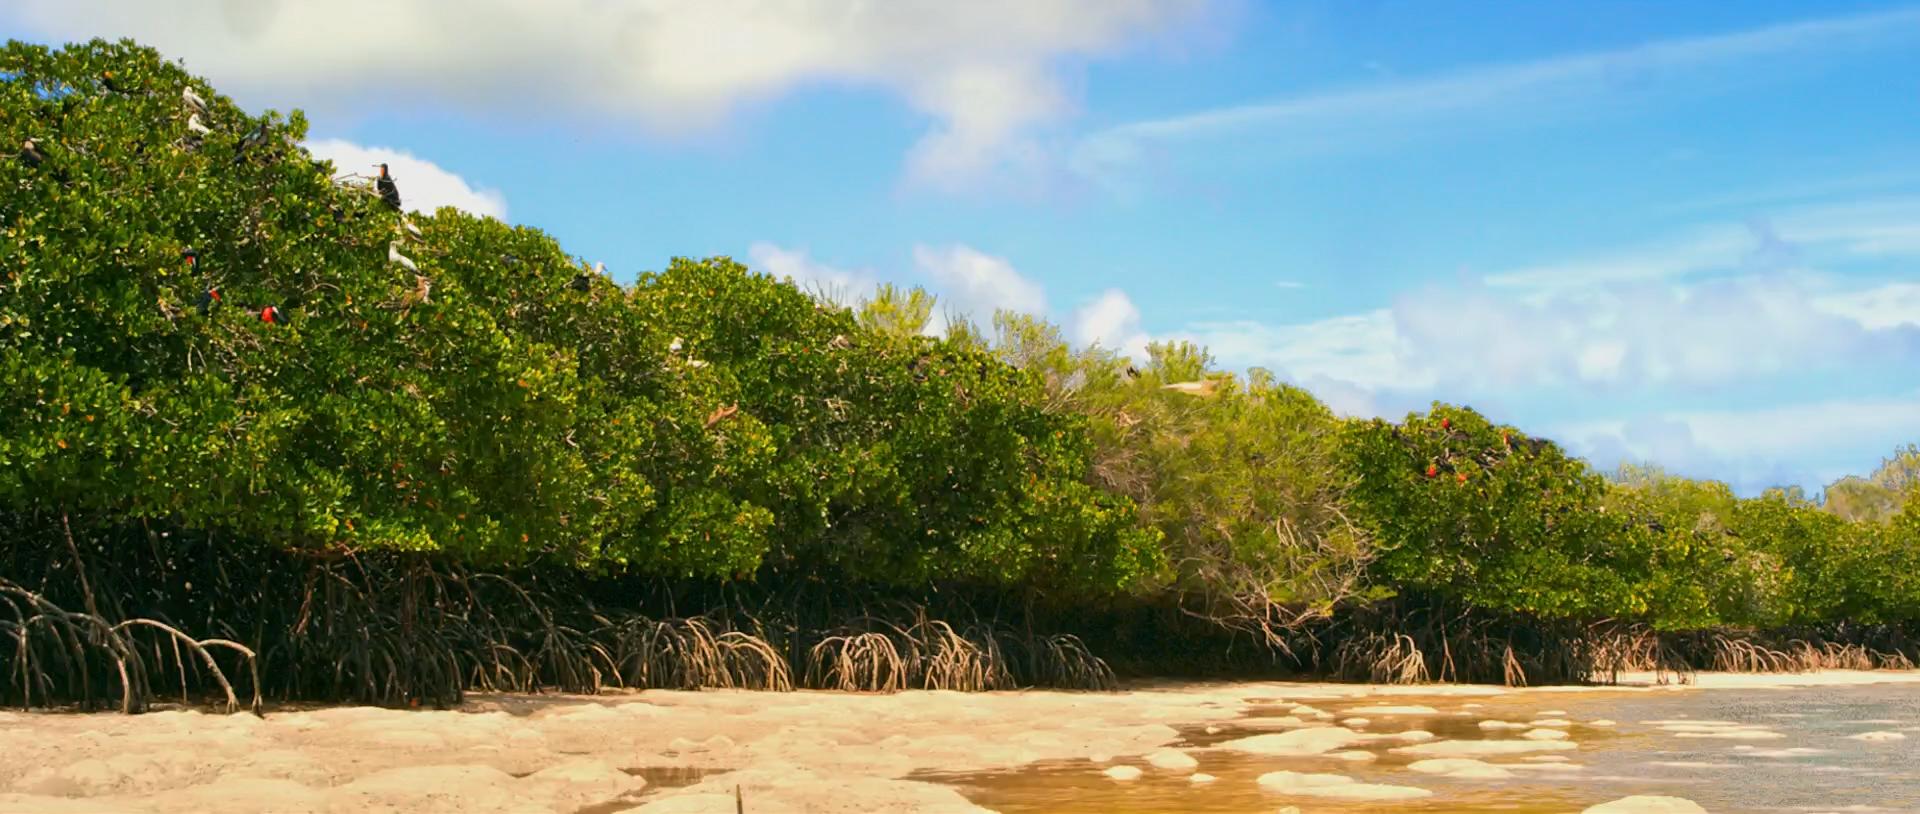 Альдабра. Путешествие к таинственному острову | WEB-DL 1080p | iTunes